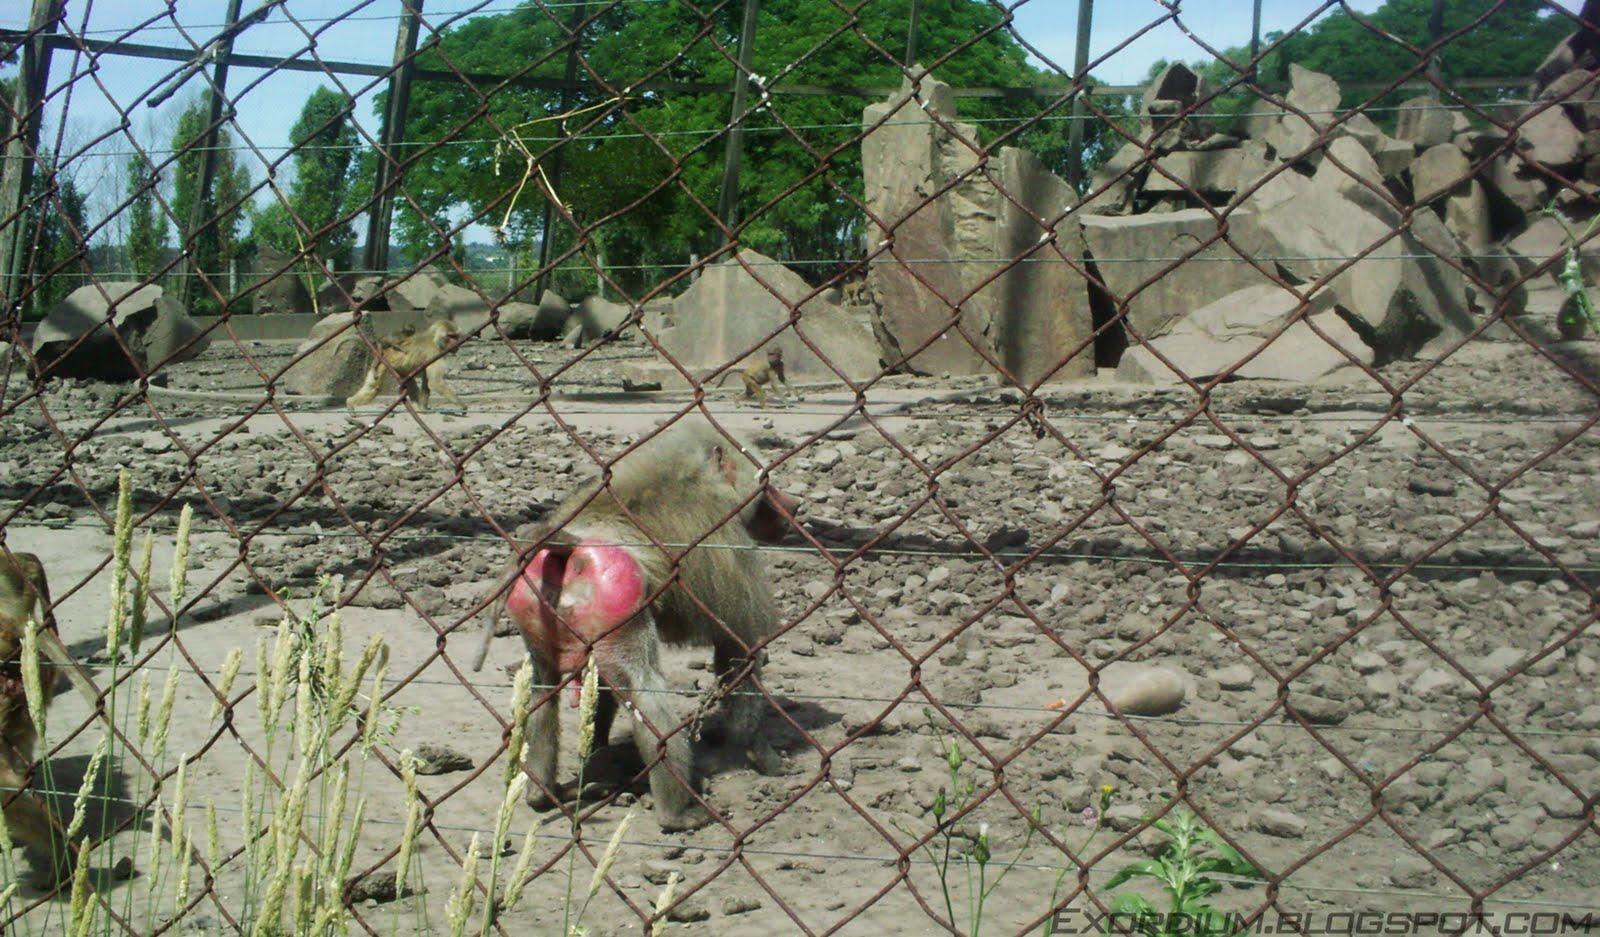 fotos de animales muy monos - Fotos de primates: monos, gorilas, lemures y orangutanes